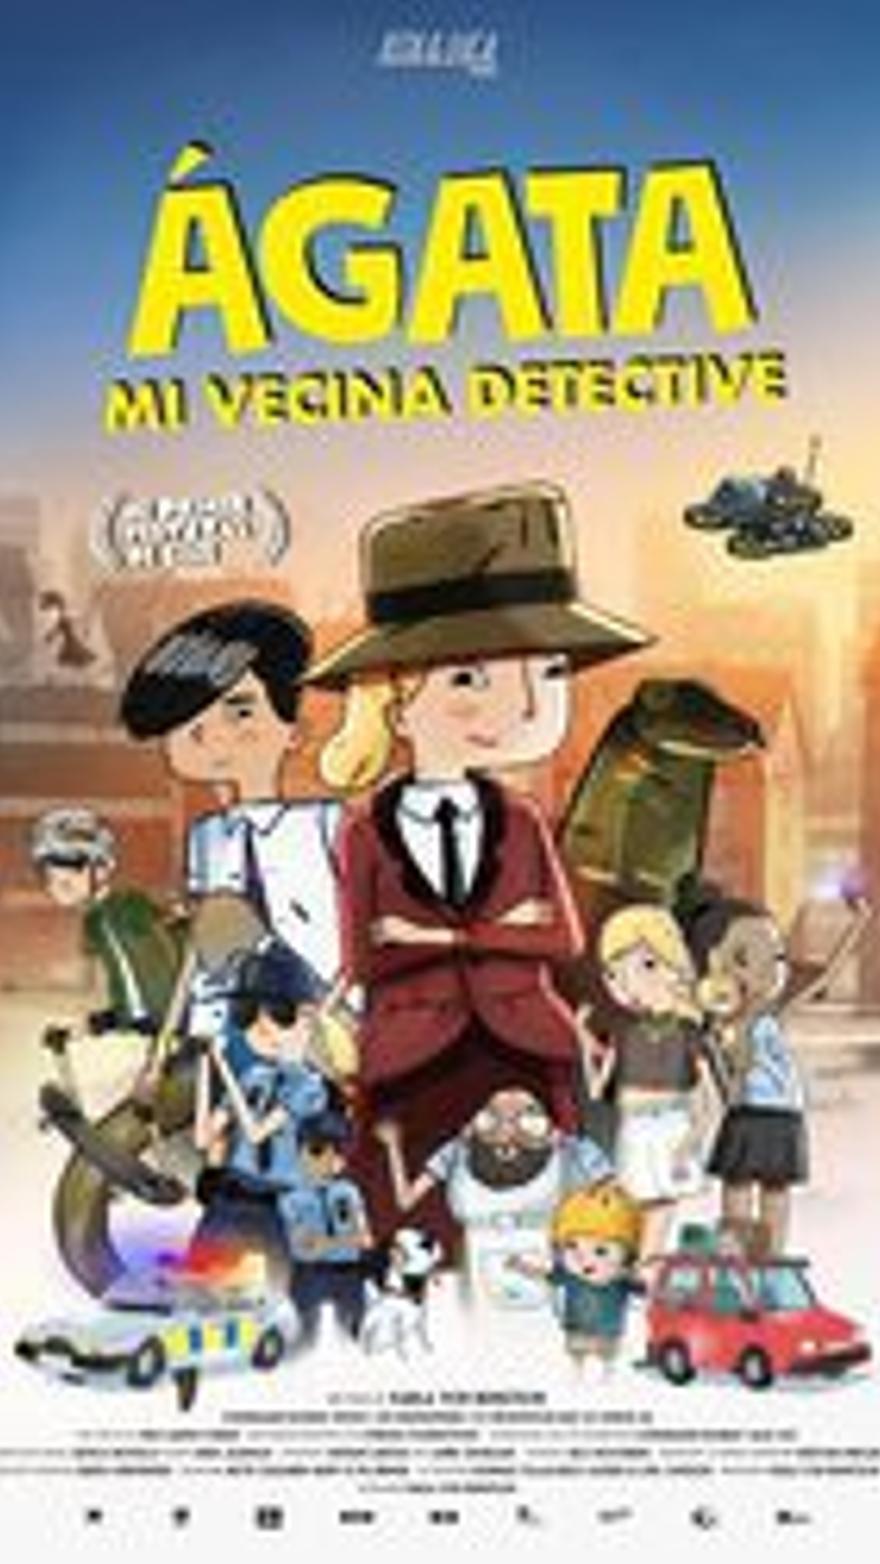 Ágata, mi vecina detective